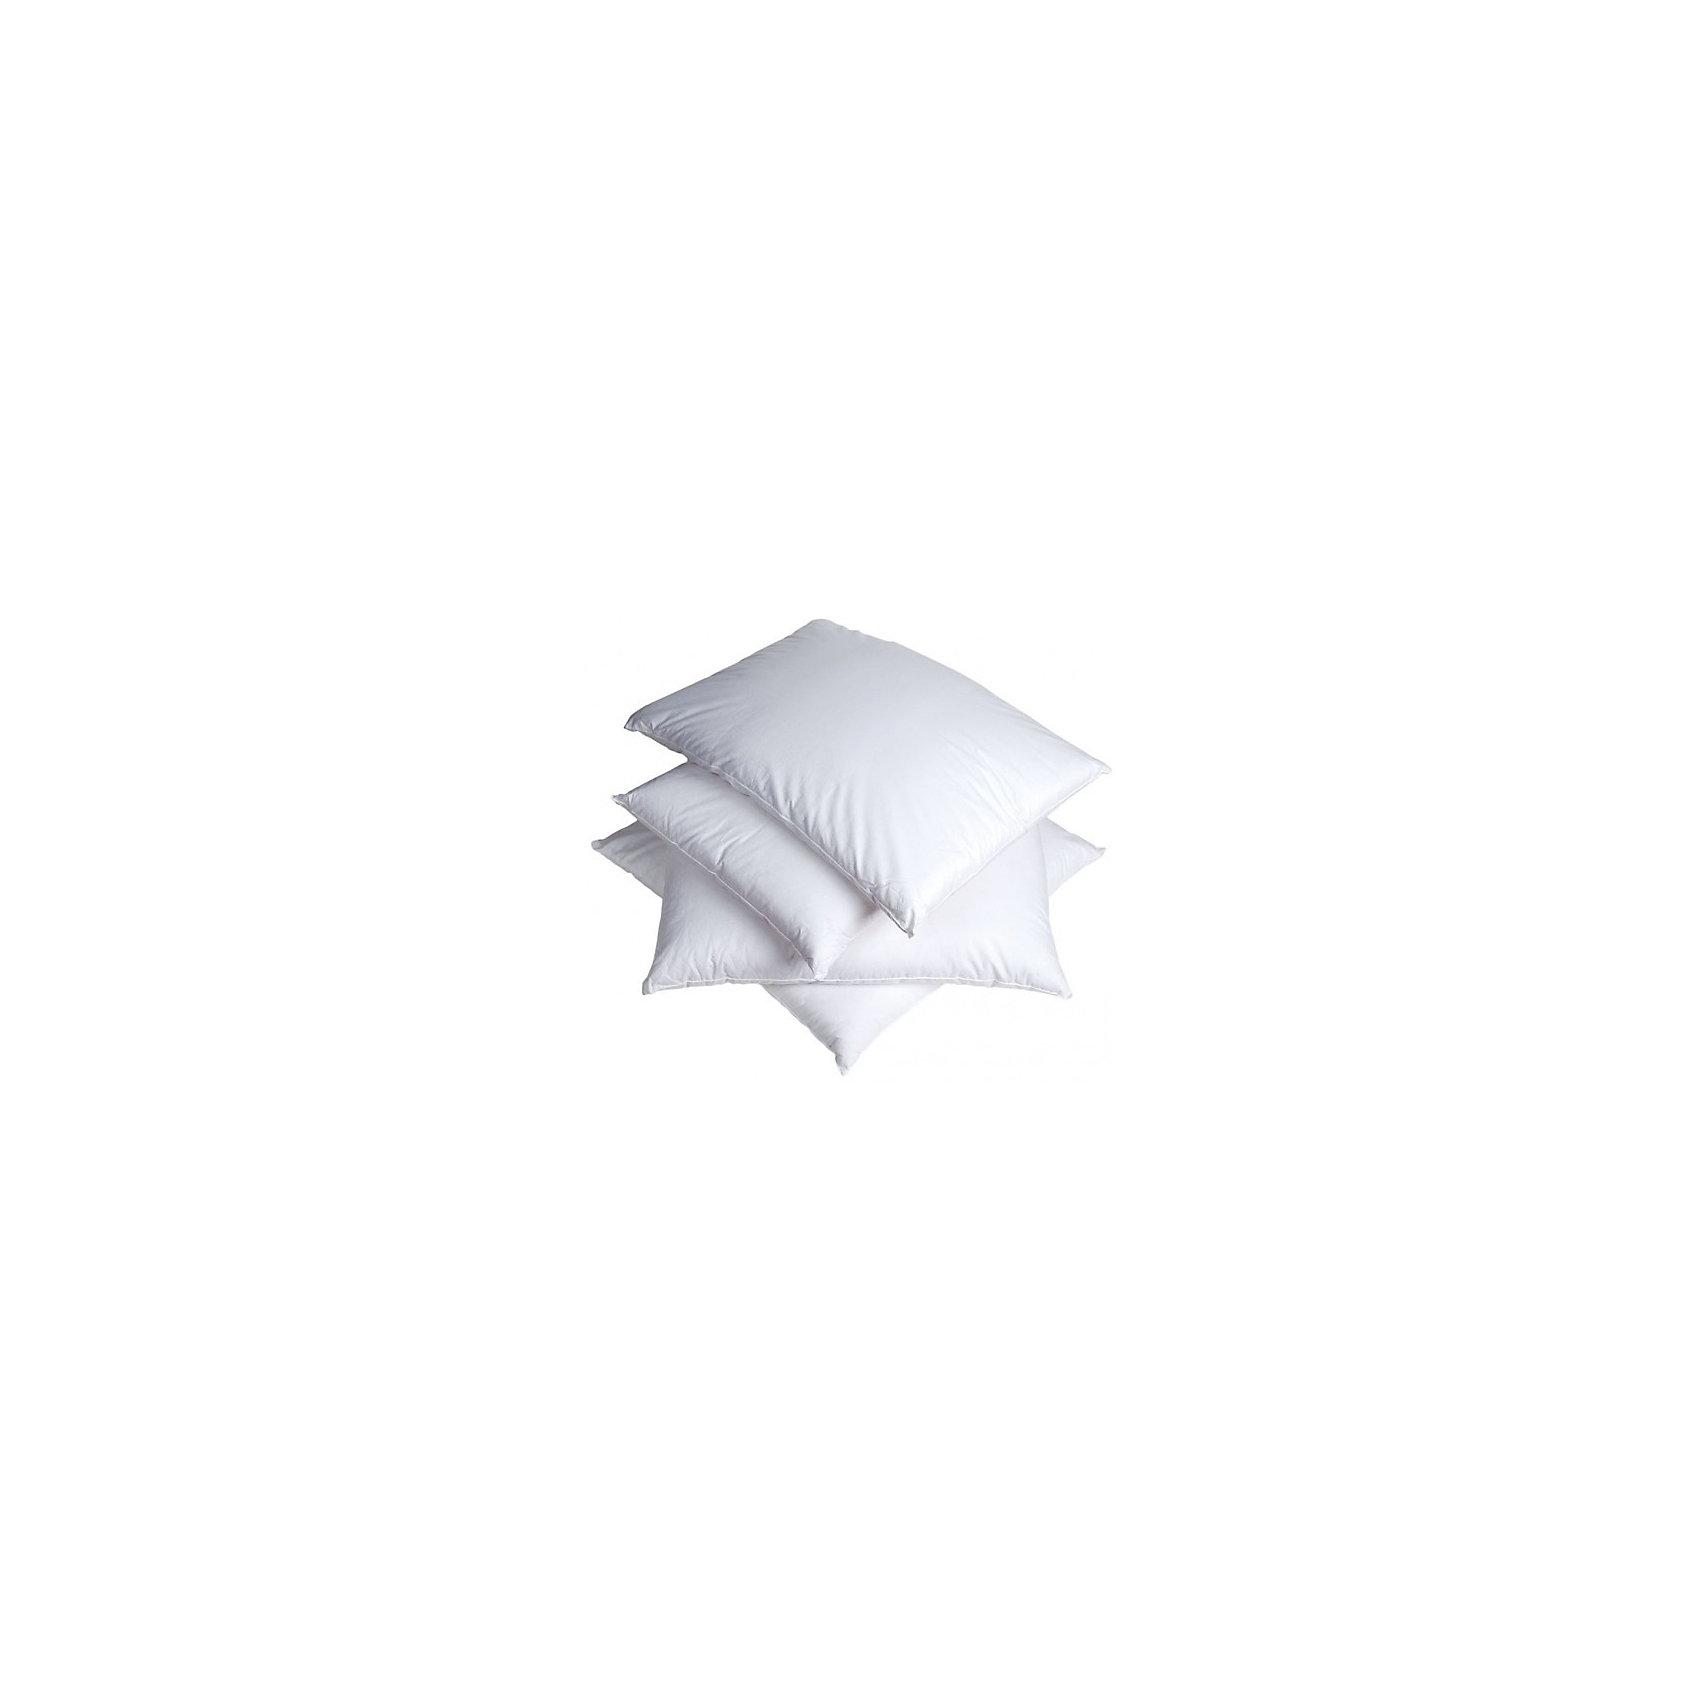 Подушка силиконизированное волокно BIYELI (35*45), TACДомашний текстиль<br>Характеристики товара: <br><br>• размер: 35х45см;<br>• материал: силиконизированное волокно ;<br>• цвет: белый;<br>• страна бренда: Турция;<br>• страна производитель: Турция.<br><br>Эта подушка от турецкого бренда TAC (ТАЧ) отлично подойдёт маленькому ребёнку. Она отличается своей упругостью, что очень хорошо влияет на сон и настроение ребёнка. Наполнитель подушки всегда сохраняет свою форму, не сбивается и не слеживается. Все материалы, которые входят в состав этого комплекта, гипоаллергенны и не вызывают неприятных ощущений. <br><br>Ворс у такого материала отличается своим объемом и мягкостью. Ткань благодаря специальному составу не электризуется.<br>Ещё одним плюсом этого изделия является отличная гигиена. Она не вбирает пыль и не отсыревает. <br><br>Подушка очень устойчива к частым стиркам, её рекомендуется стирать обычным стиральным порошком. <br><br>Подушку BIYELI (Биели) можно купить в нашем интернет-магазине.<br><br>Ширина мм: 450<br>Глубина мм: 100<br>Высота мм: 350<br>Вес г: 300<br>Возраст от месяцев: 216<br>Возраст до месяцев: 1188<br>Пол: Унисекс<br>Возраст: Детский<br>SKU: 6849326